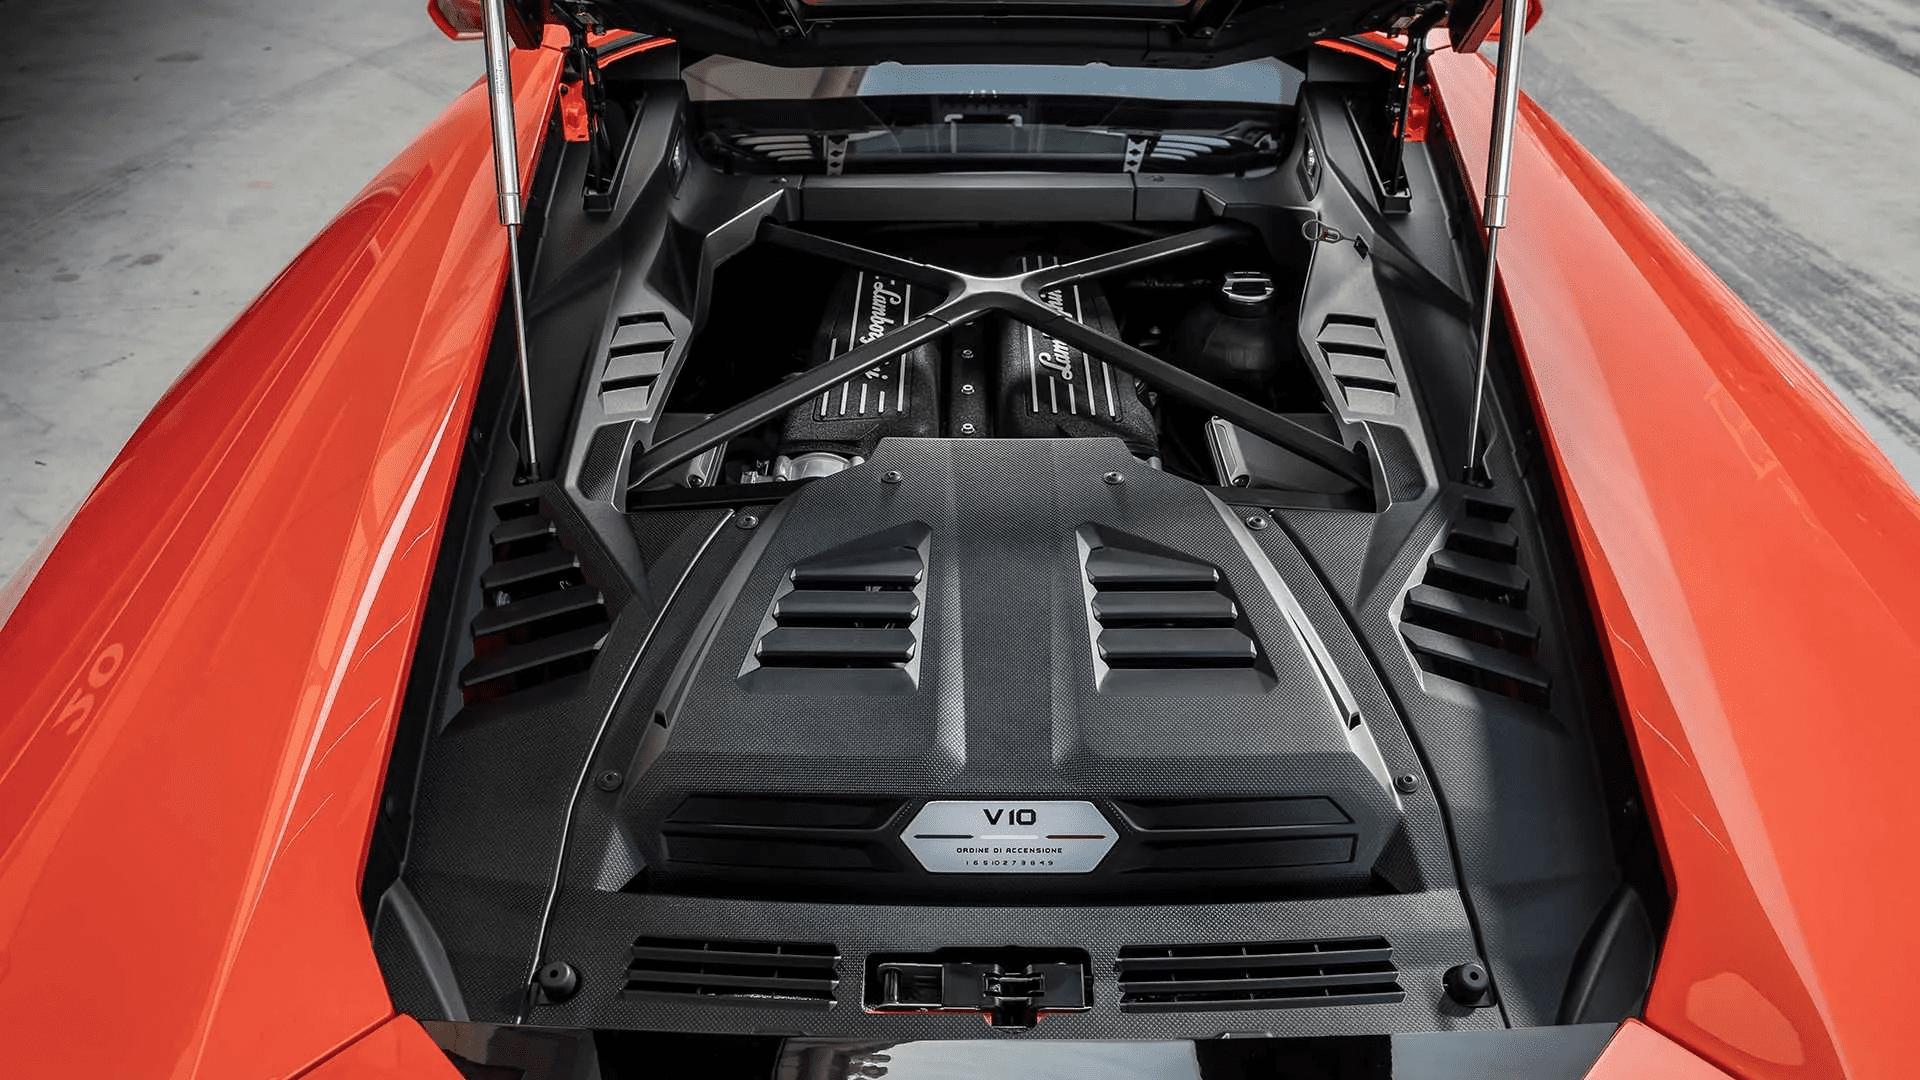 На накладке двигателя Lamborghini традиционно указывает порядок работы цилиндров.